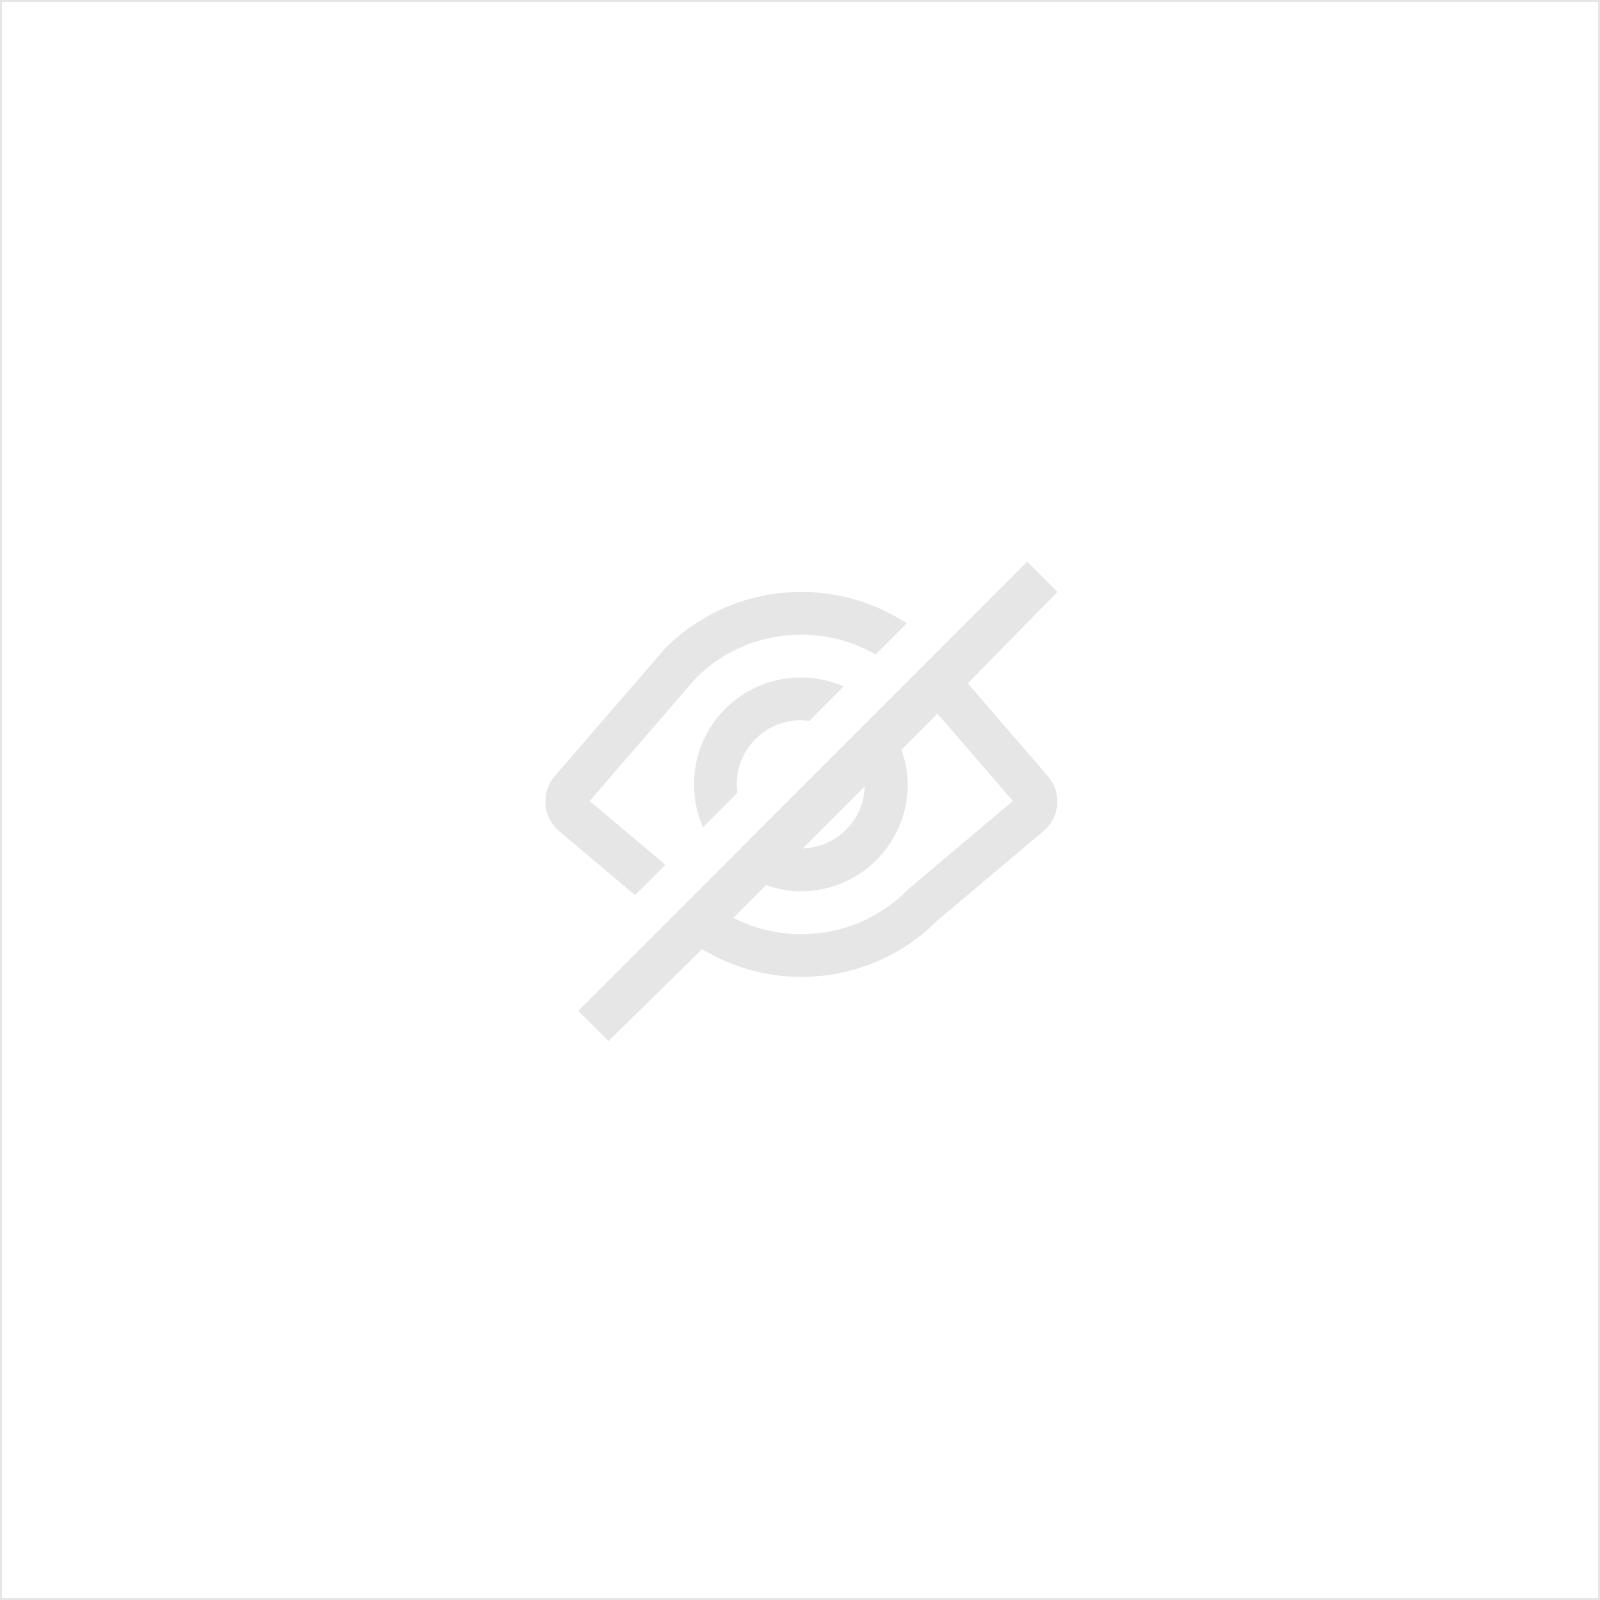 BOORD EN LIJSTMACHINE OP VOET 1,2 MM